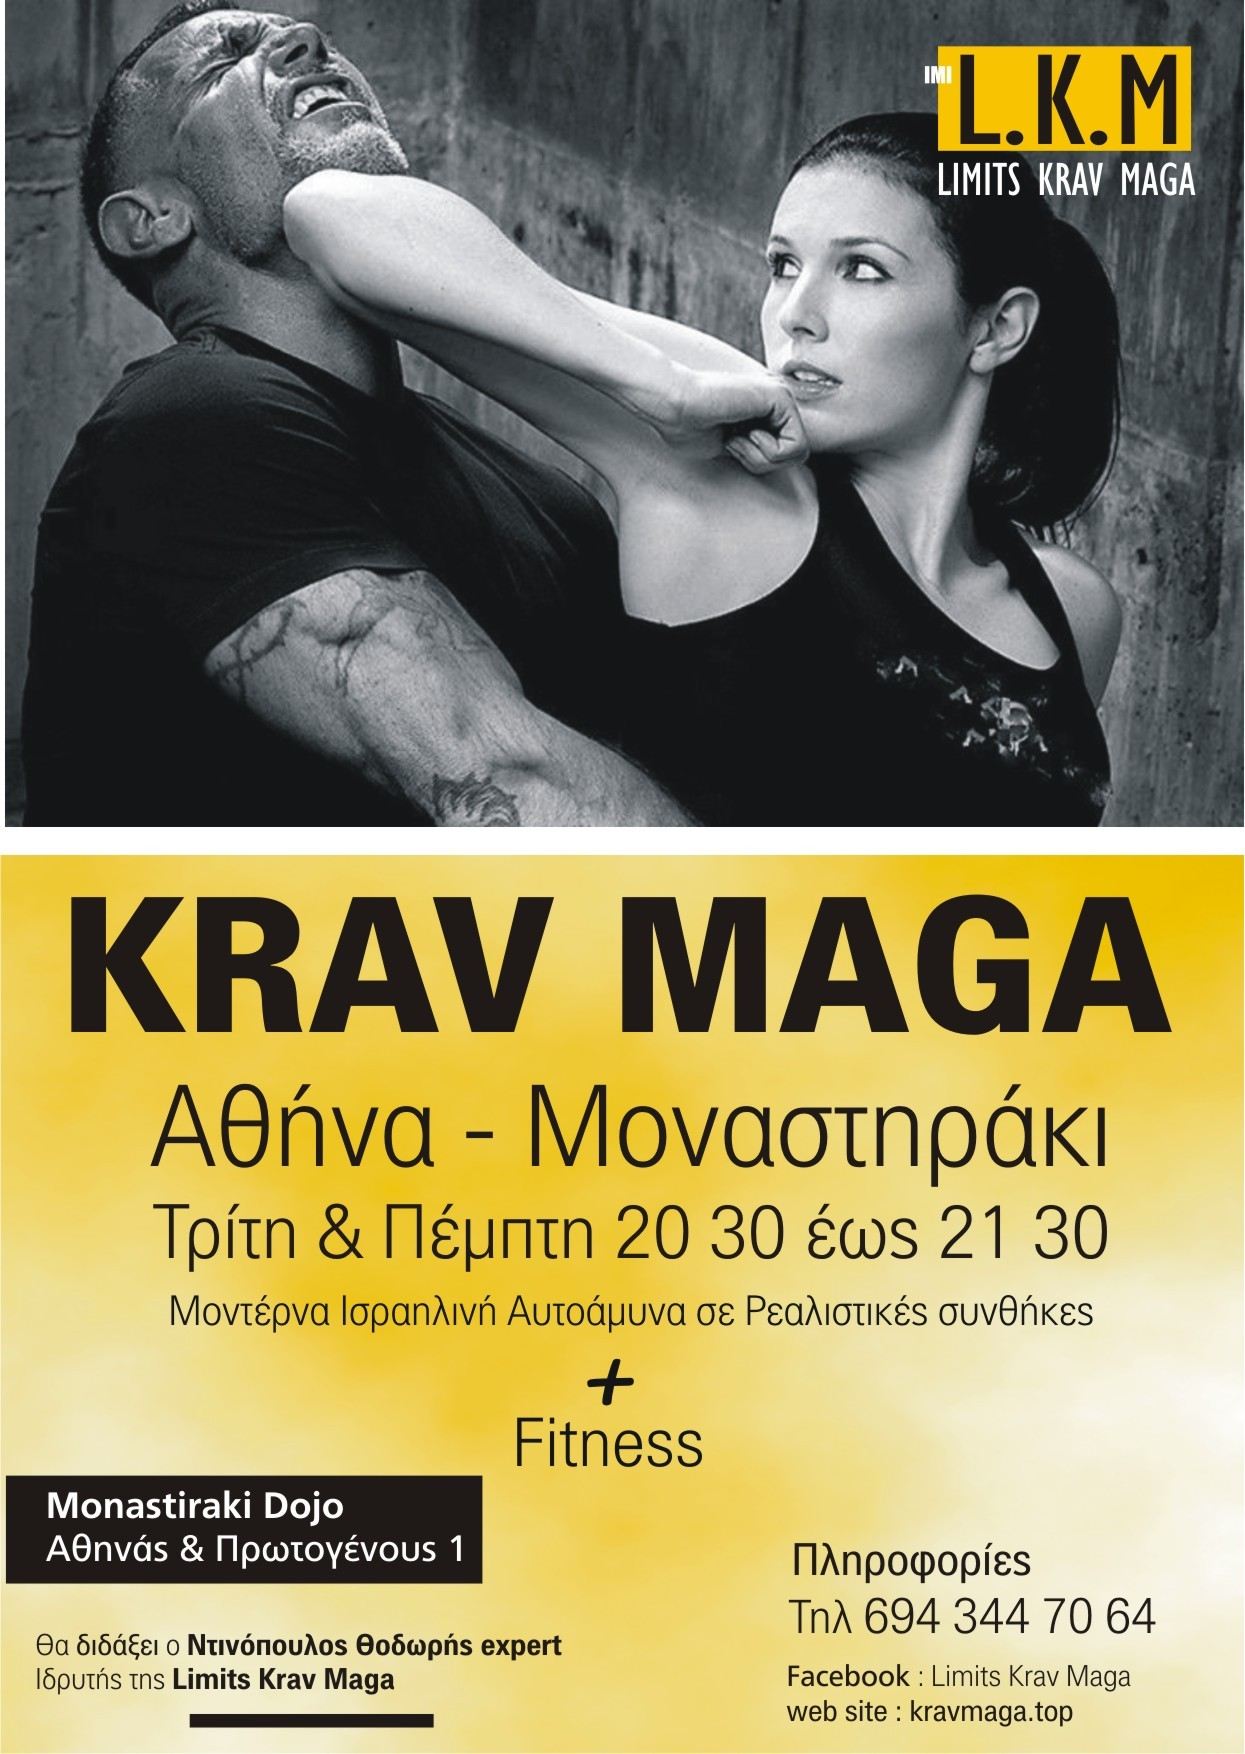 Μαθήματα Krav maga στην Αθήνα. Λεπτομέρειες